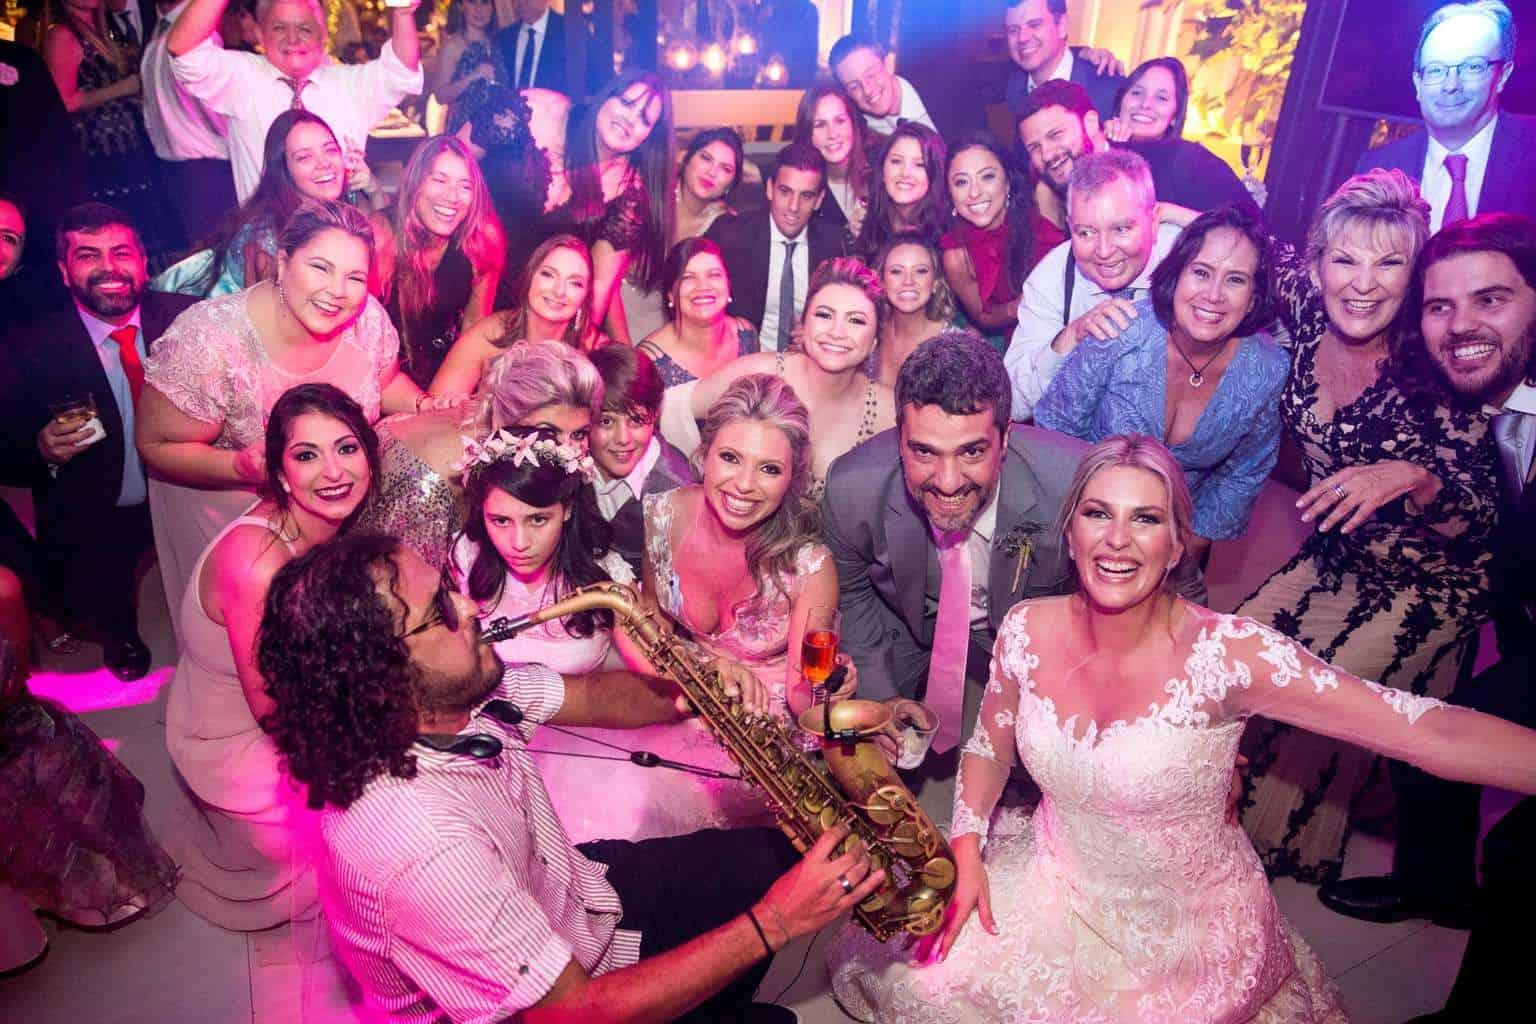 Andrea-Kapps-casamento-de-dia-casamento-na-serra-casamento-romântico-casamento-tradicional-festa-Locanda-de-La-Mimosa-rosa-e-lilás-casamento-51